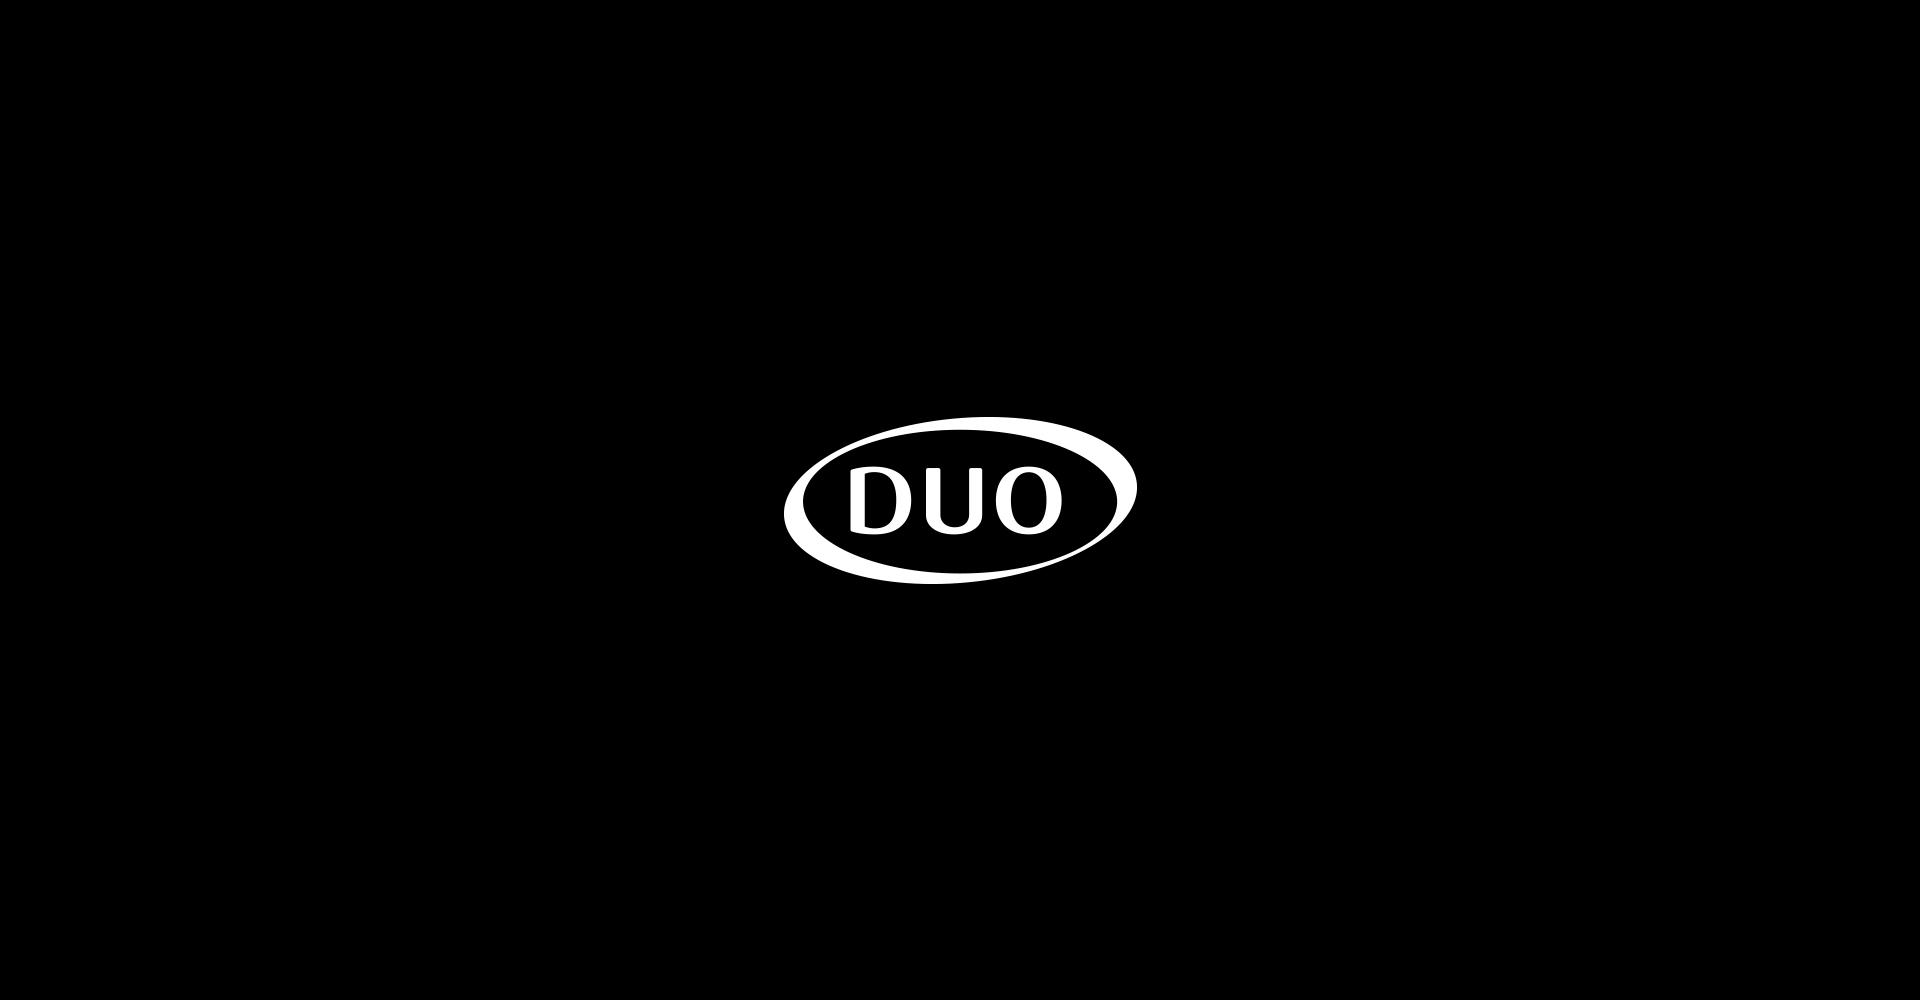 01_DUO